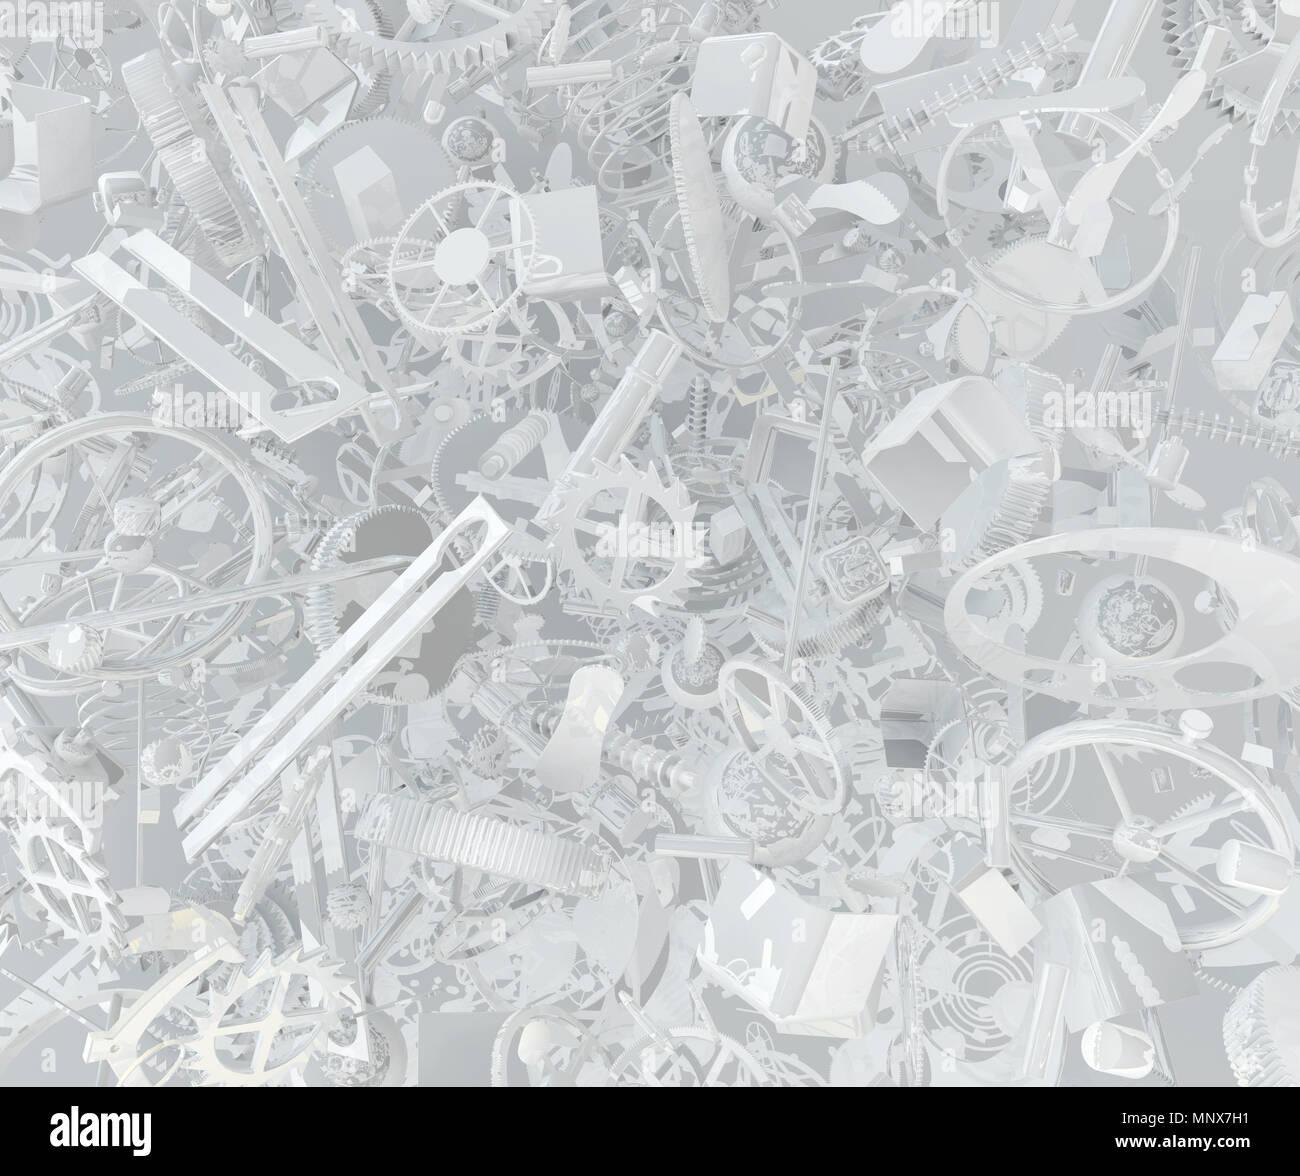 Piezas de relojería resumen gran grupo 3d, ilustración de fondo horizontal Imagen De Stock